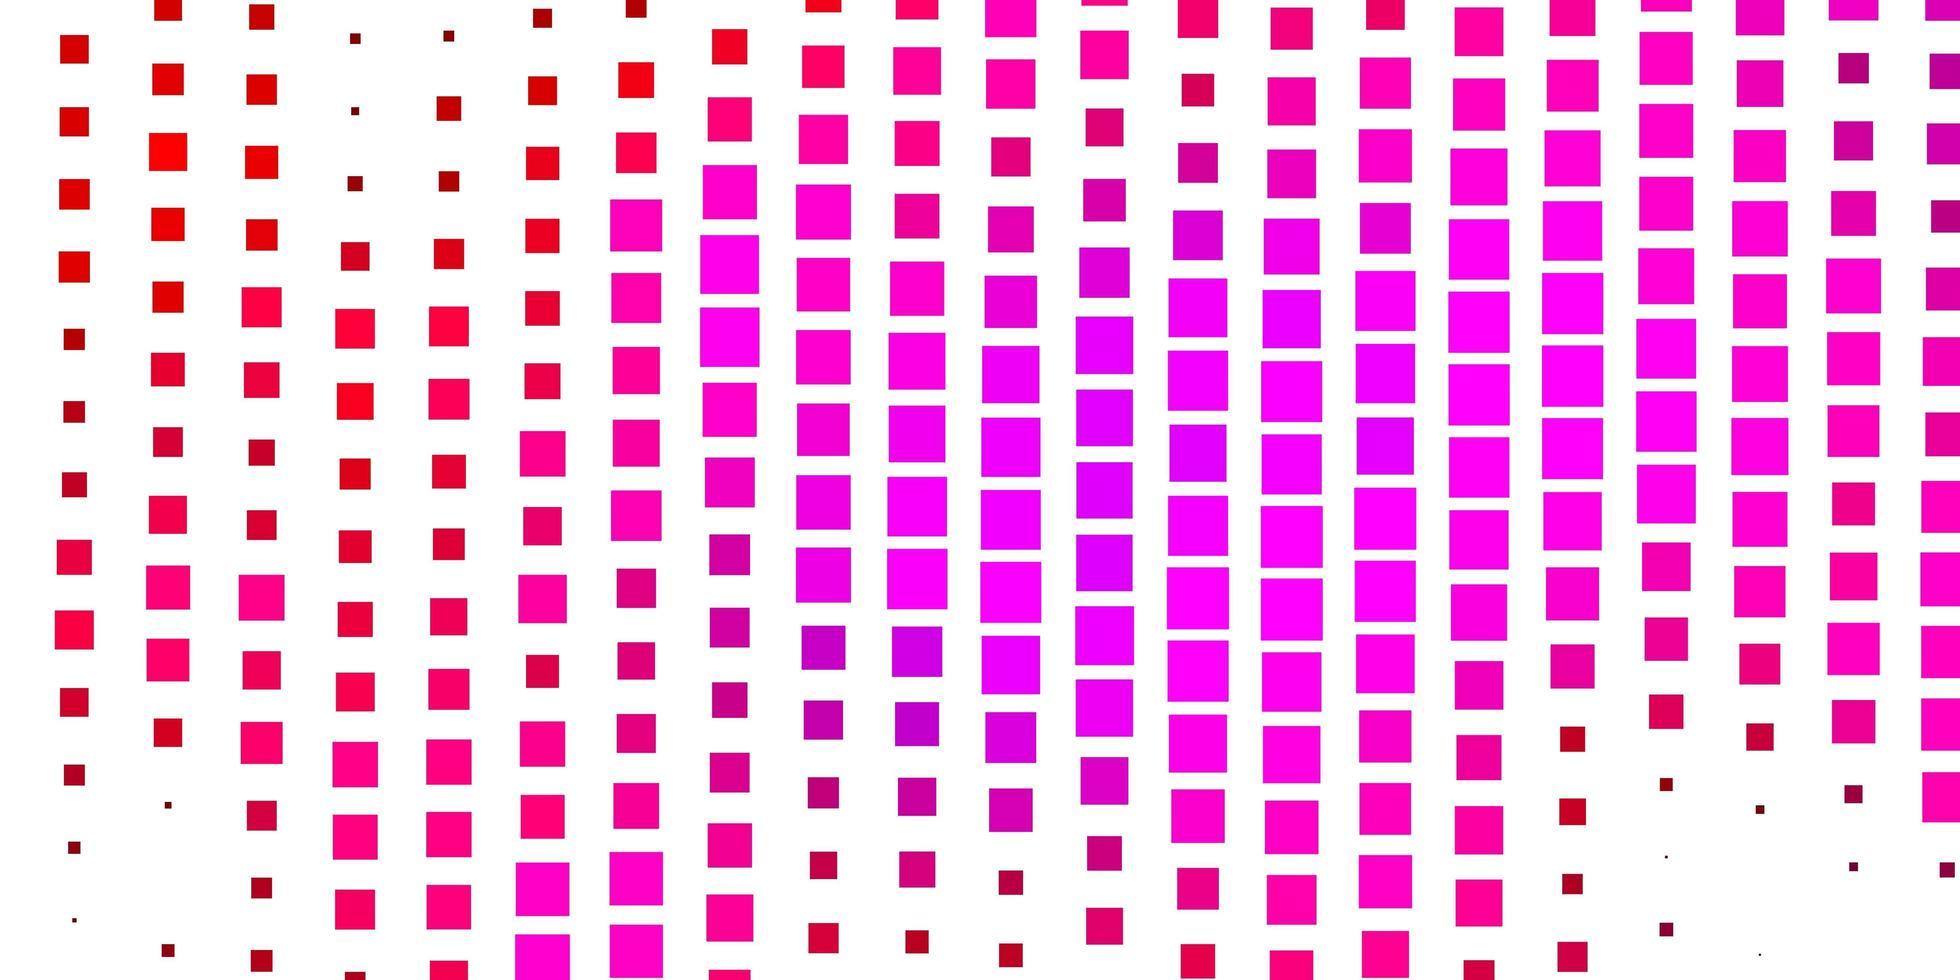 donkerroze vectorachtergrond in veelhoekige stijl. vector